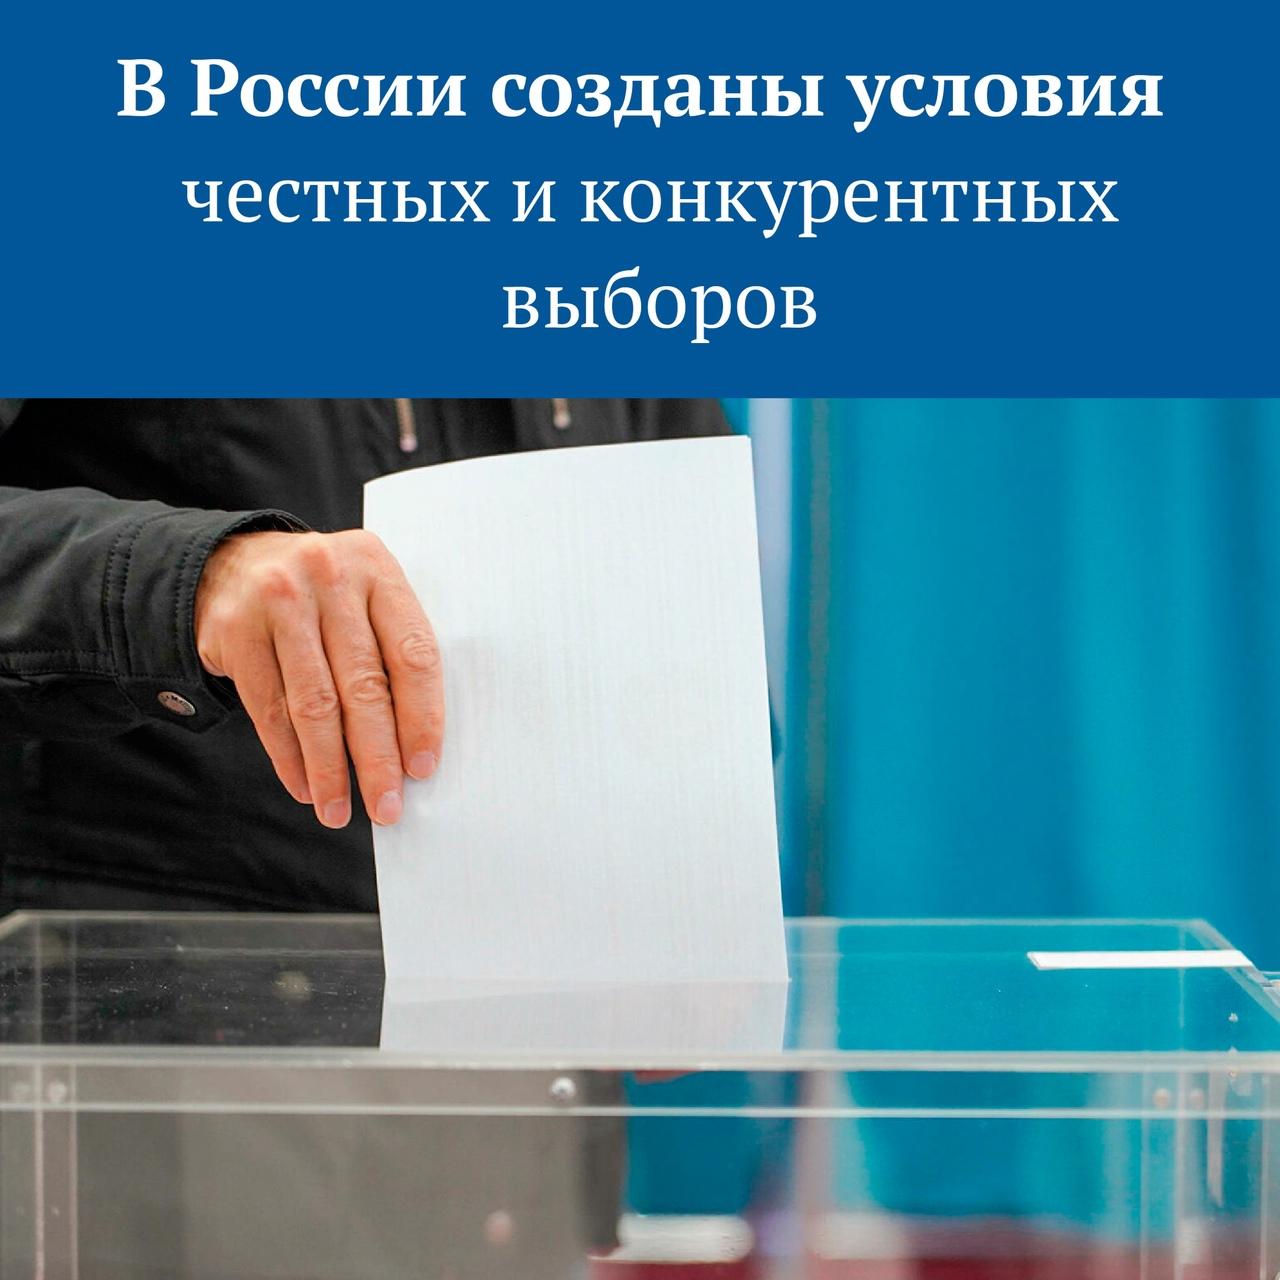 В сентябре пройдут выборы депутатов Государственной Думы